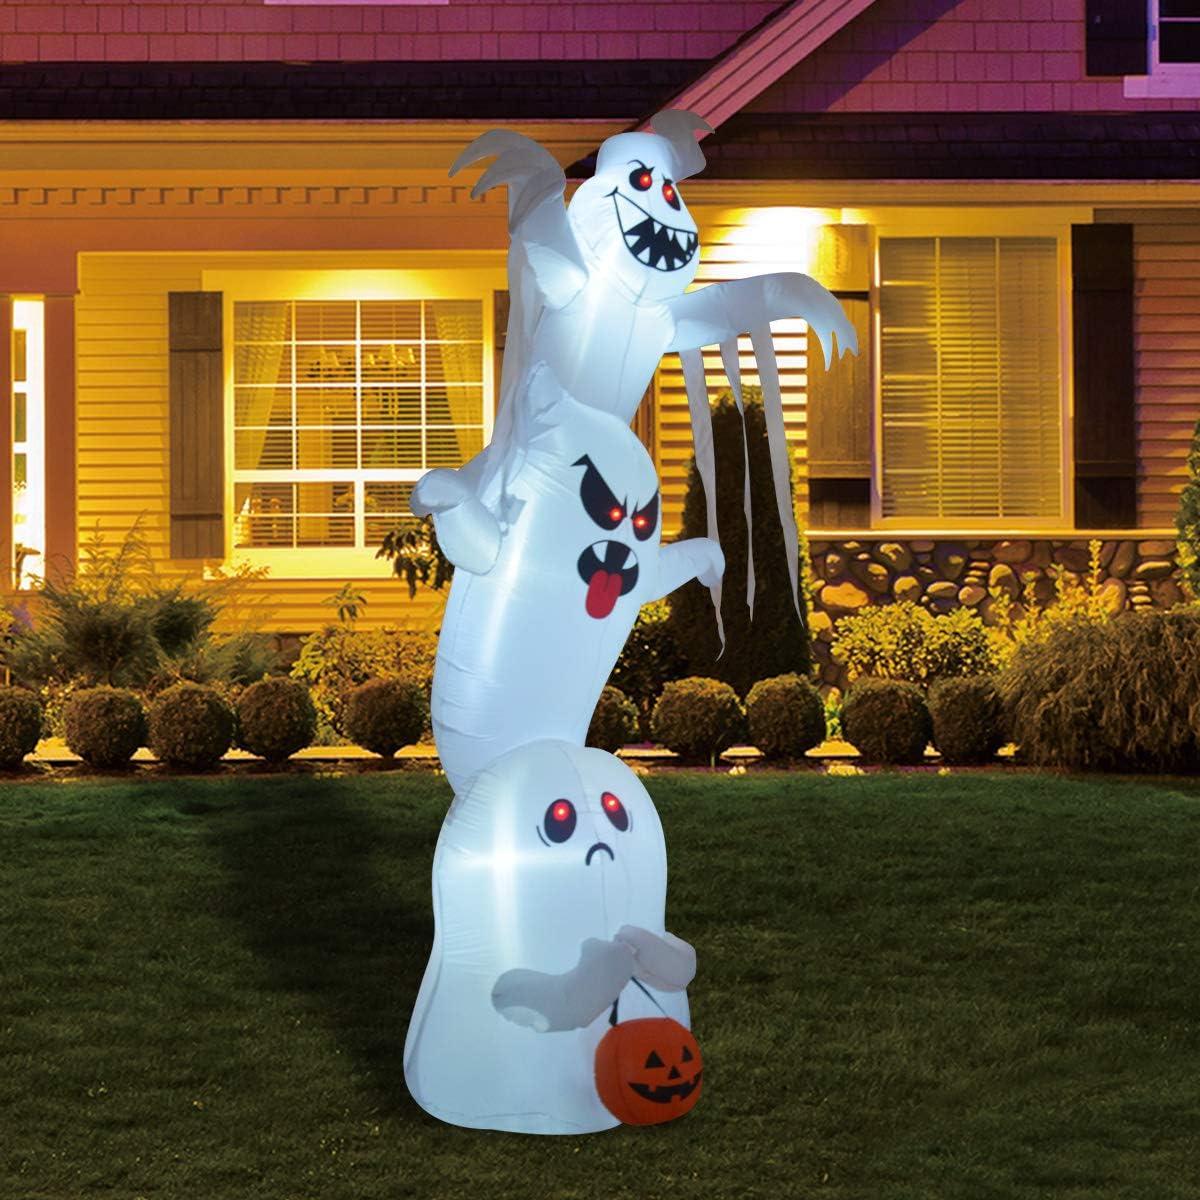 GOOSH 10 Foot High Halloween Inflatable Overlap Ghost Yard Decoration Indoor Outdoor Garden Halloween Decoration.